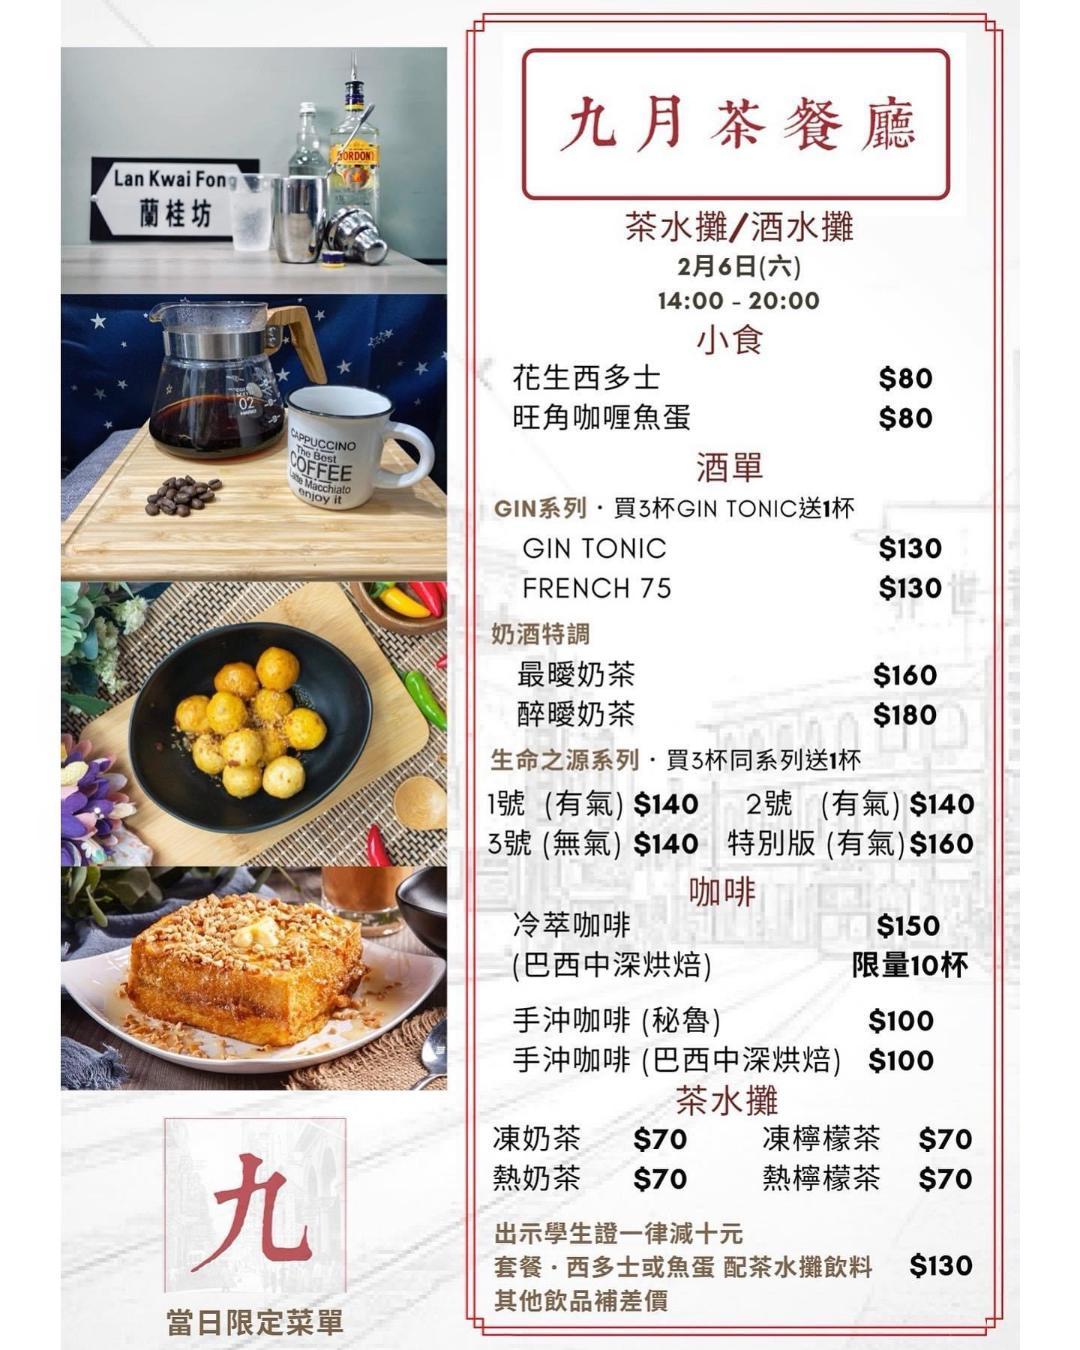 『九月』人情味 唔只系茶餐廳咁簡單